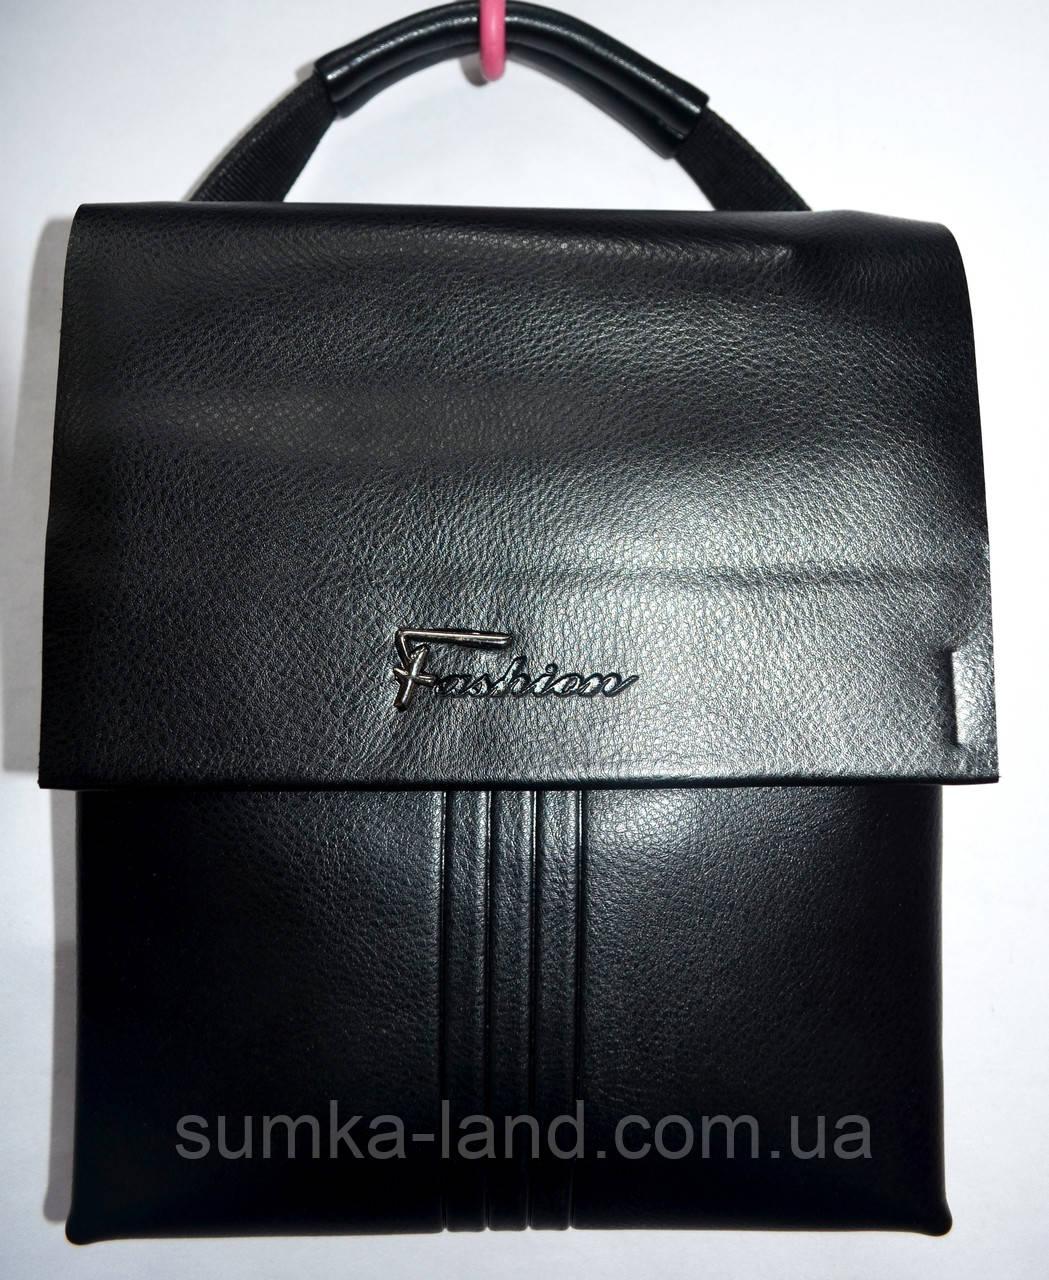 61736a0e7854 Мужская черная кожаная барсетка на плечо 20**24 см: продажа, цена в ...